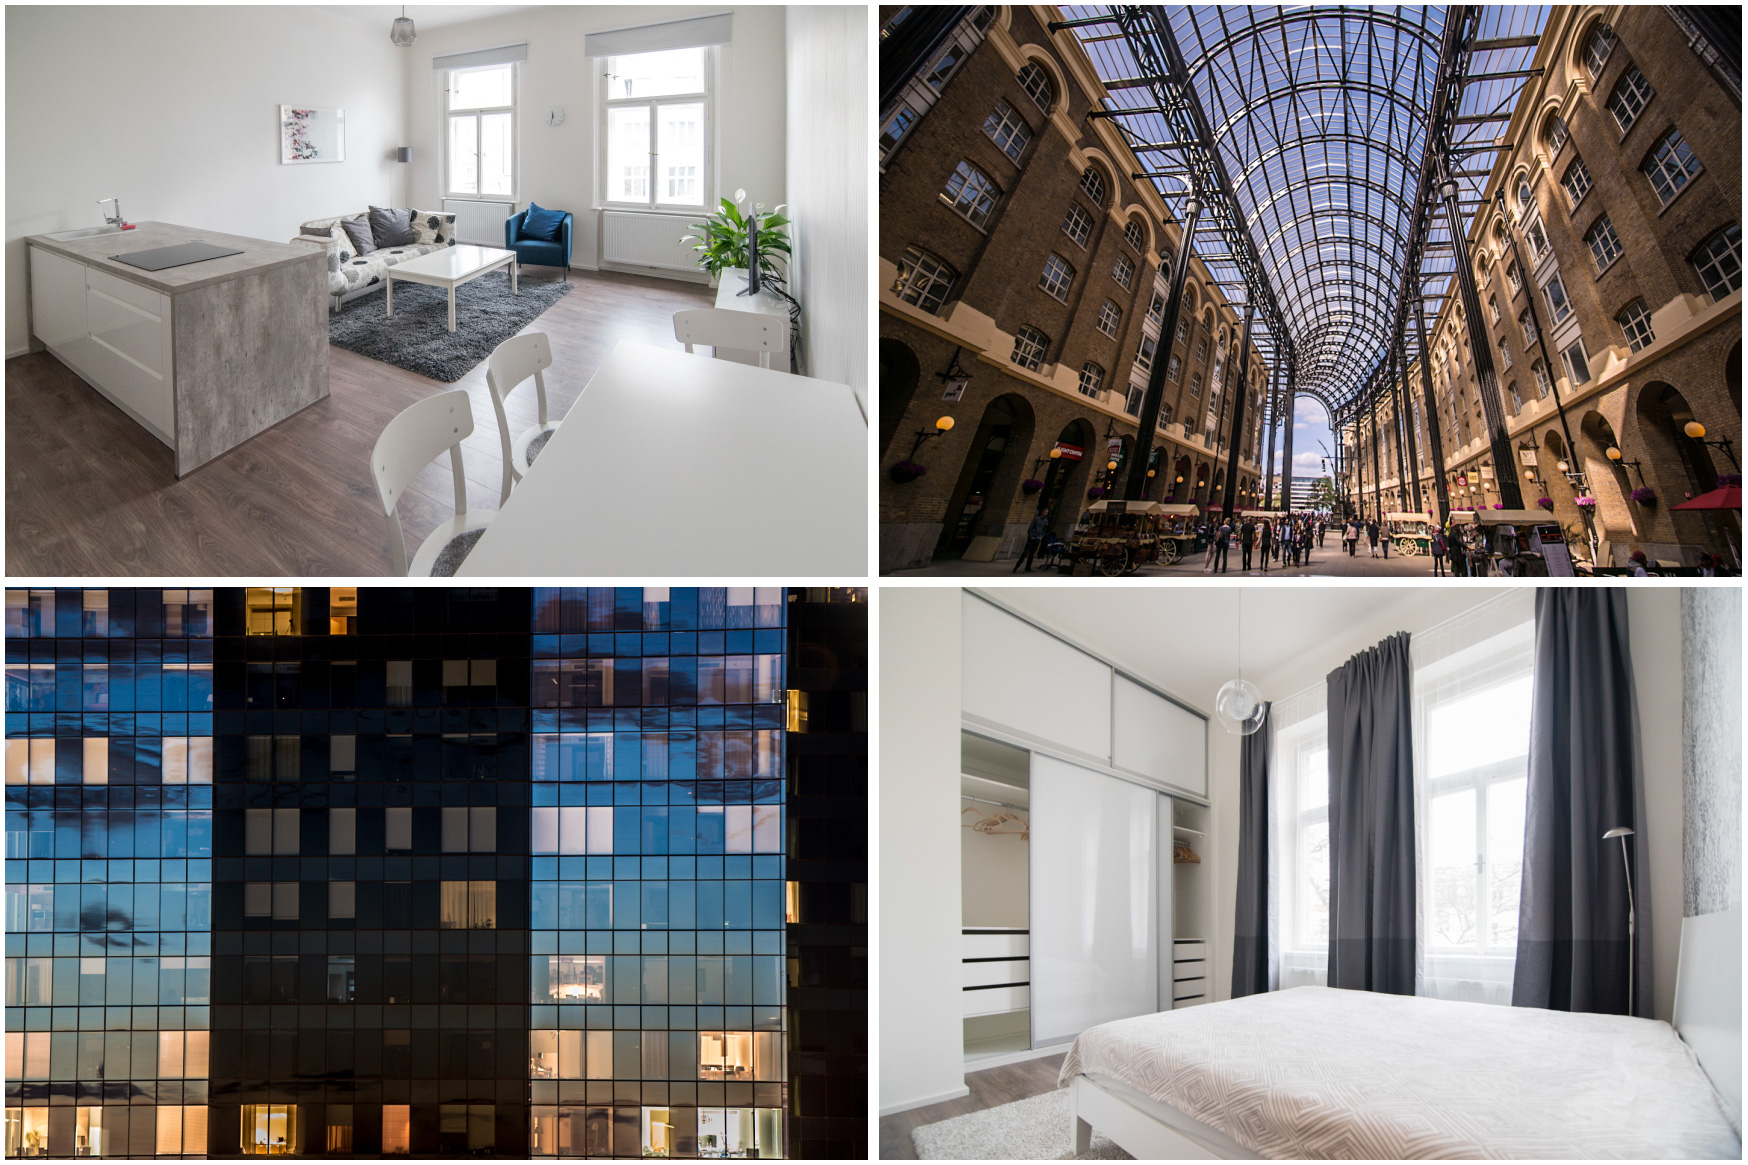 Interiéry a exteriéry nemovitostí